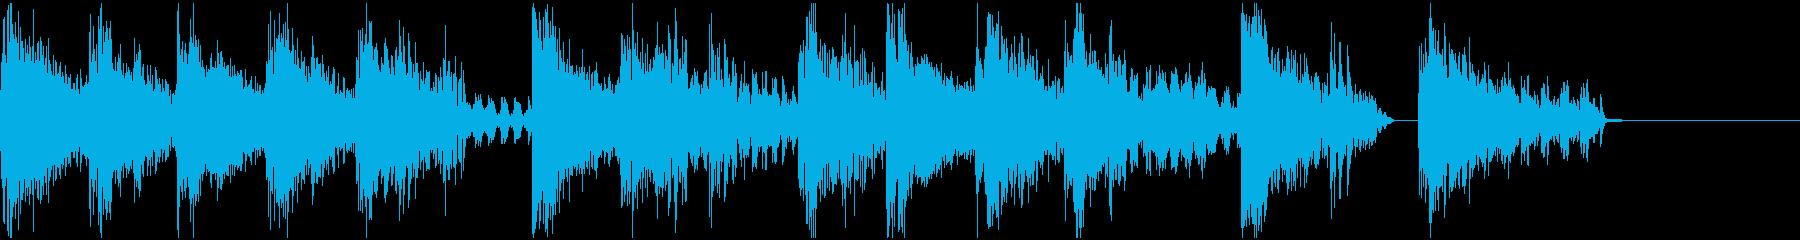 ファミコン・ゲーム風  ジングル5の再生済みの波形